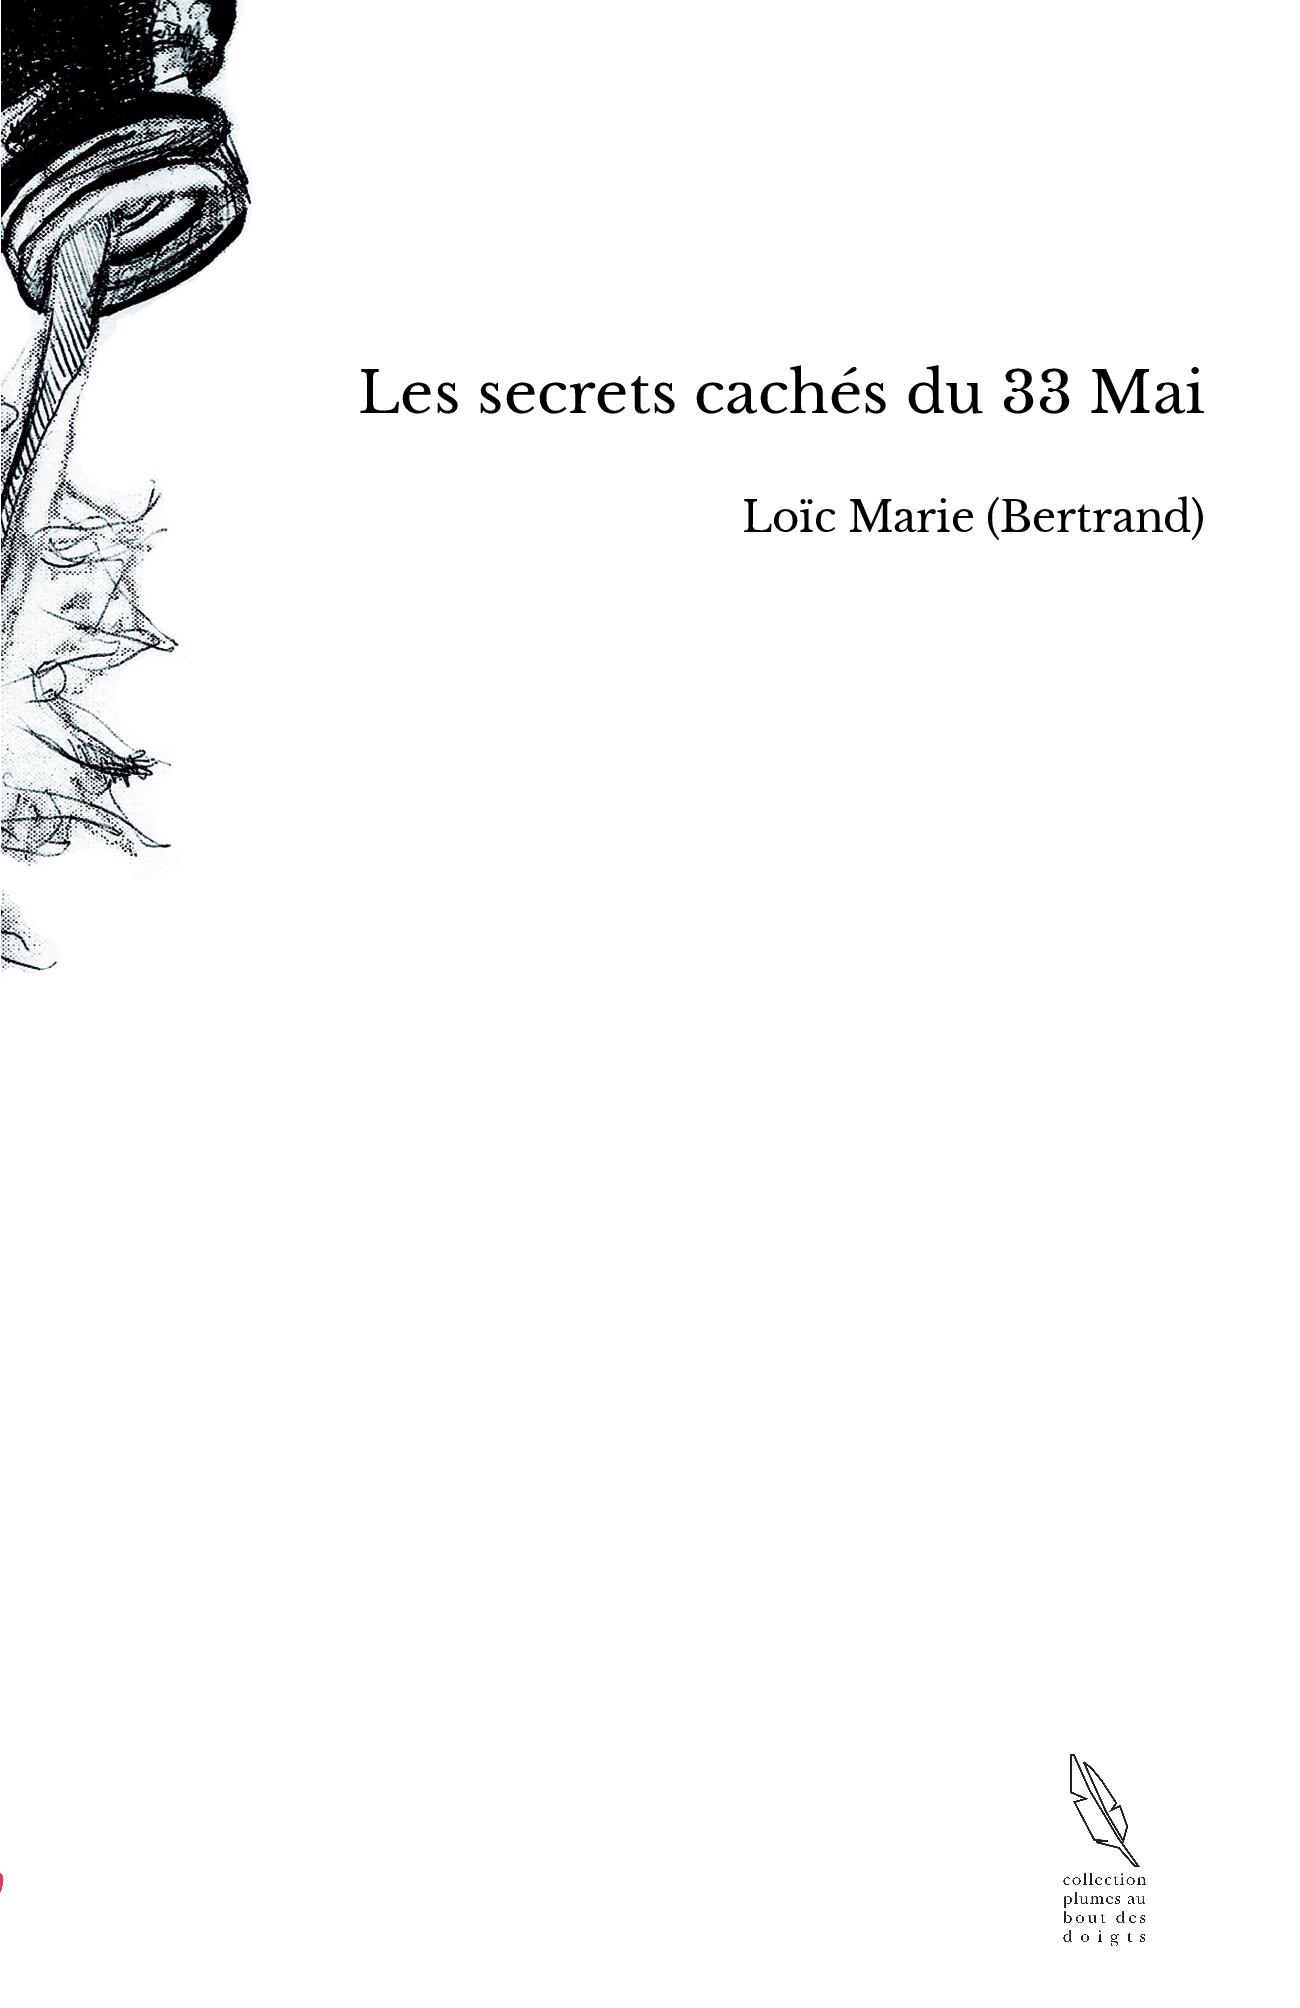 Les secrets cachés du 33 Mai